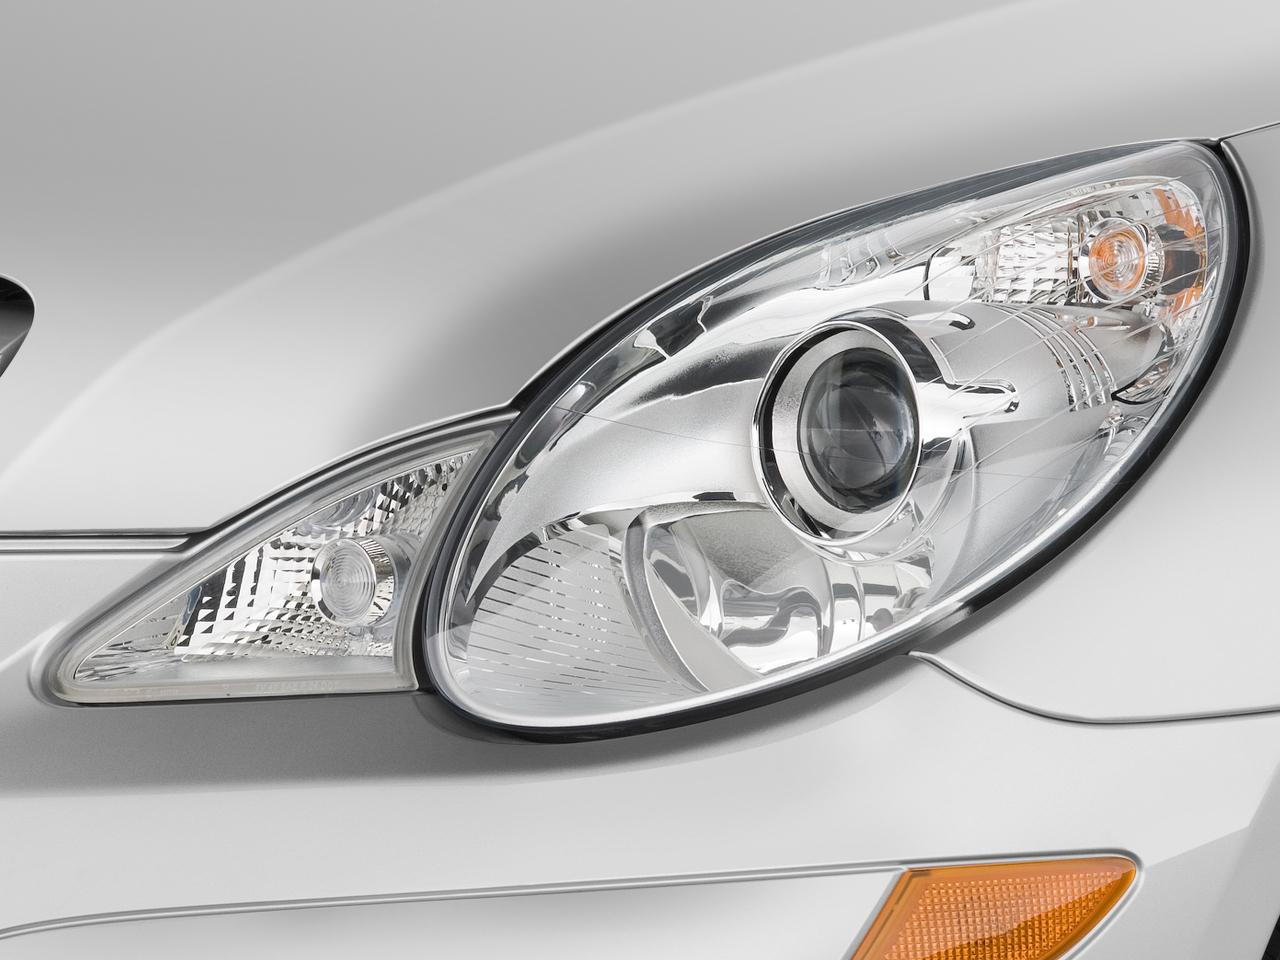 2009 Mercedes Benz R320 Bluetec Fuel Efficient News Car Features And Reviews Automobile